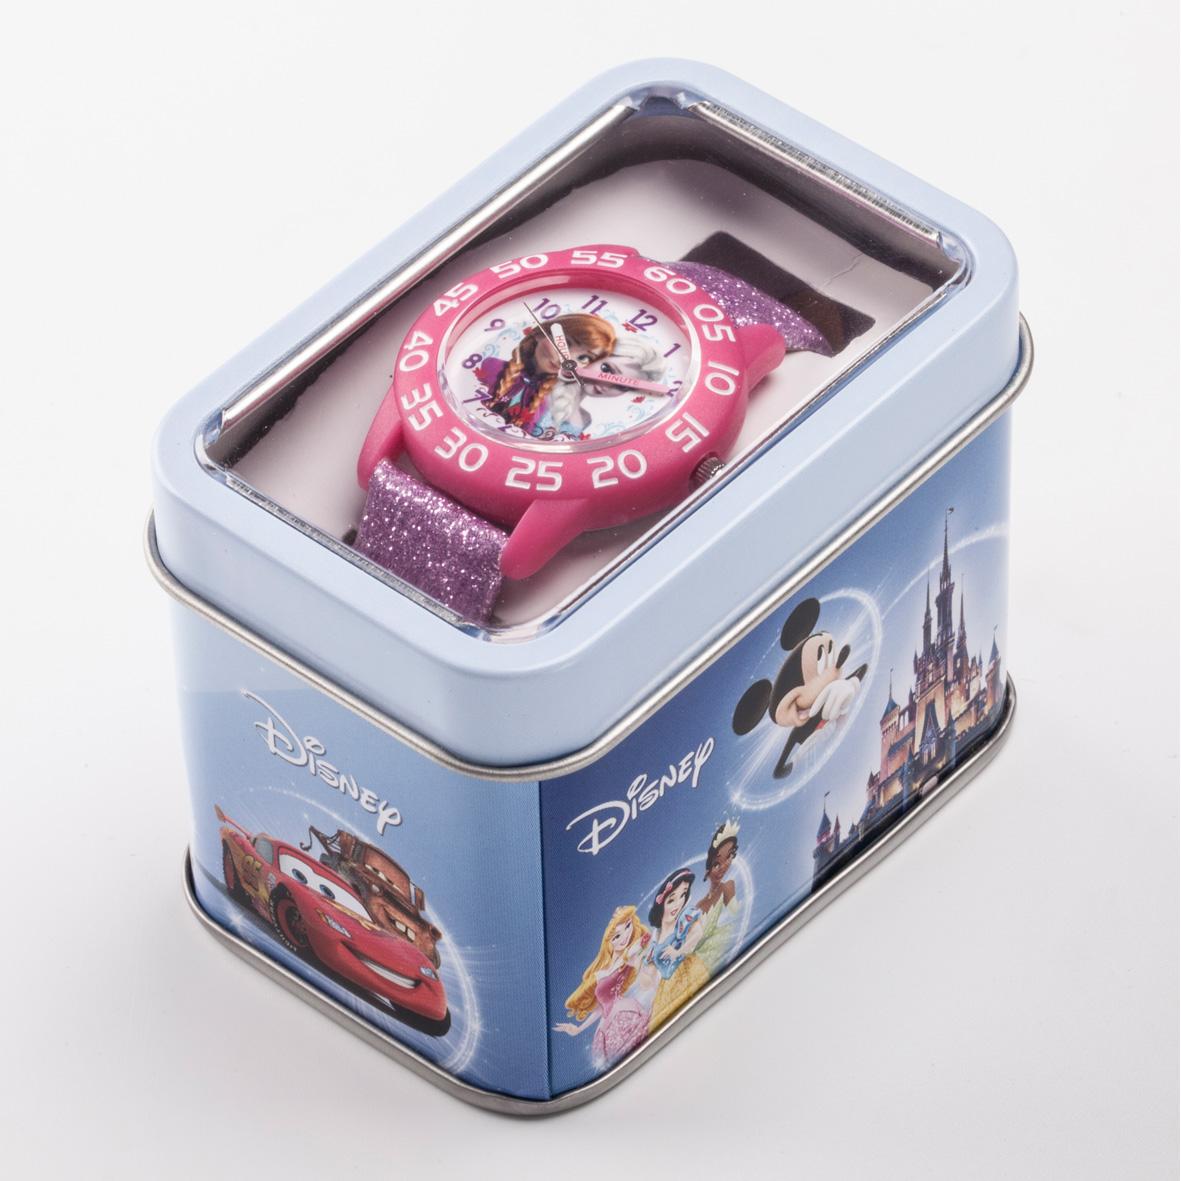 DIW002421-packaging_disney-marvel_watches.jpg